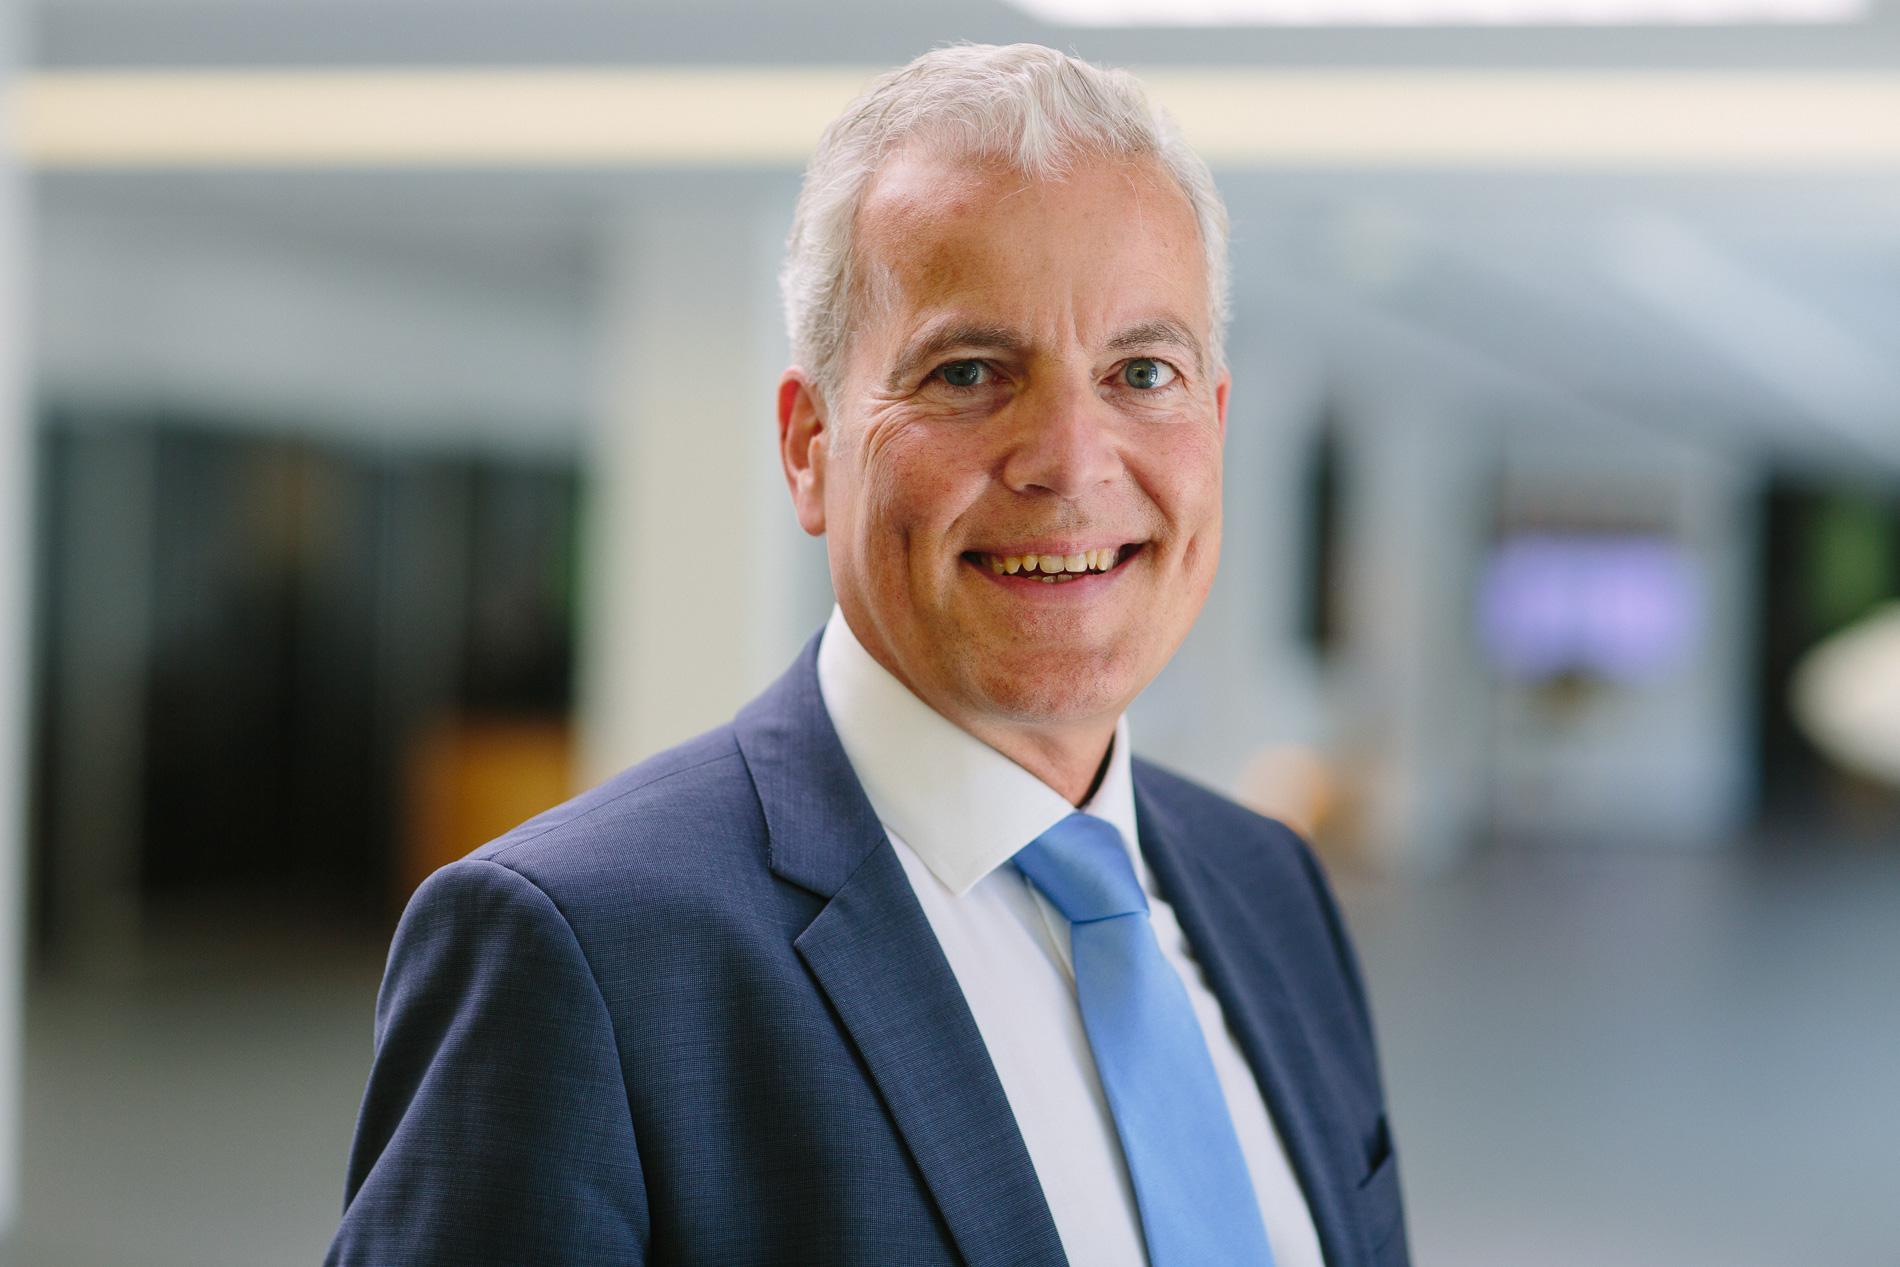 Interview mit Dr. Joachim Böhler - Leiter Marktforschung / Strategische Markenführung bei Union Investment